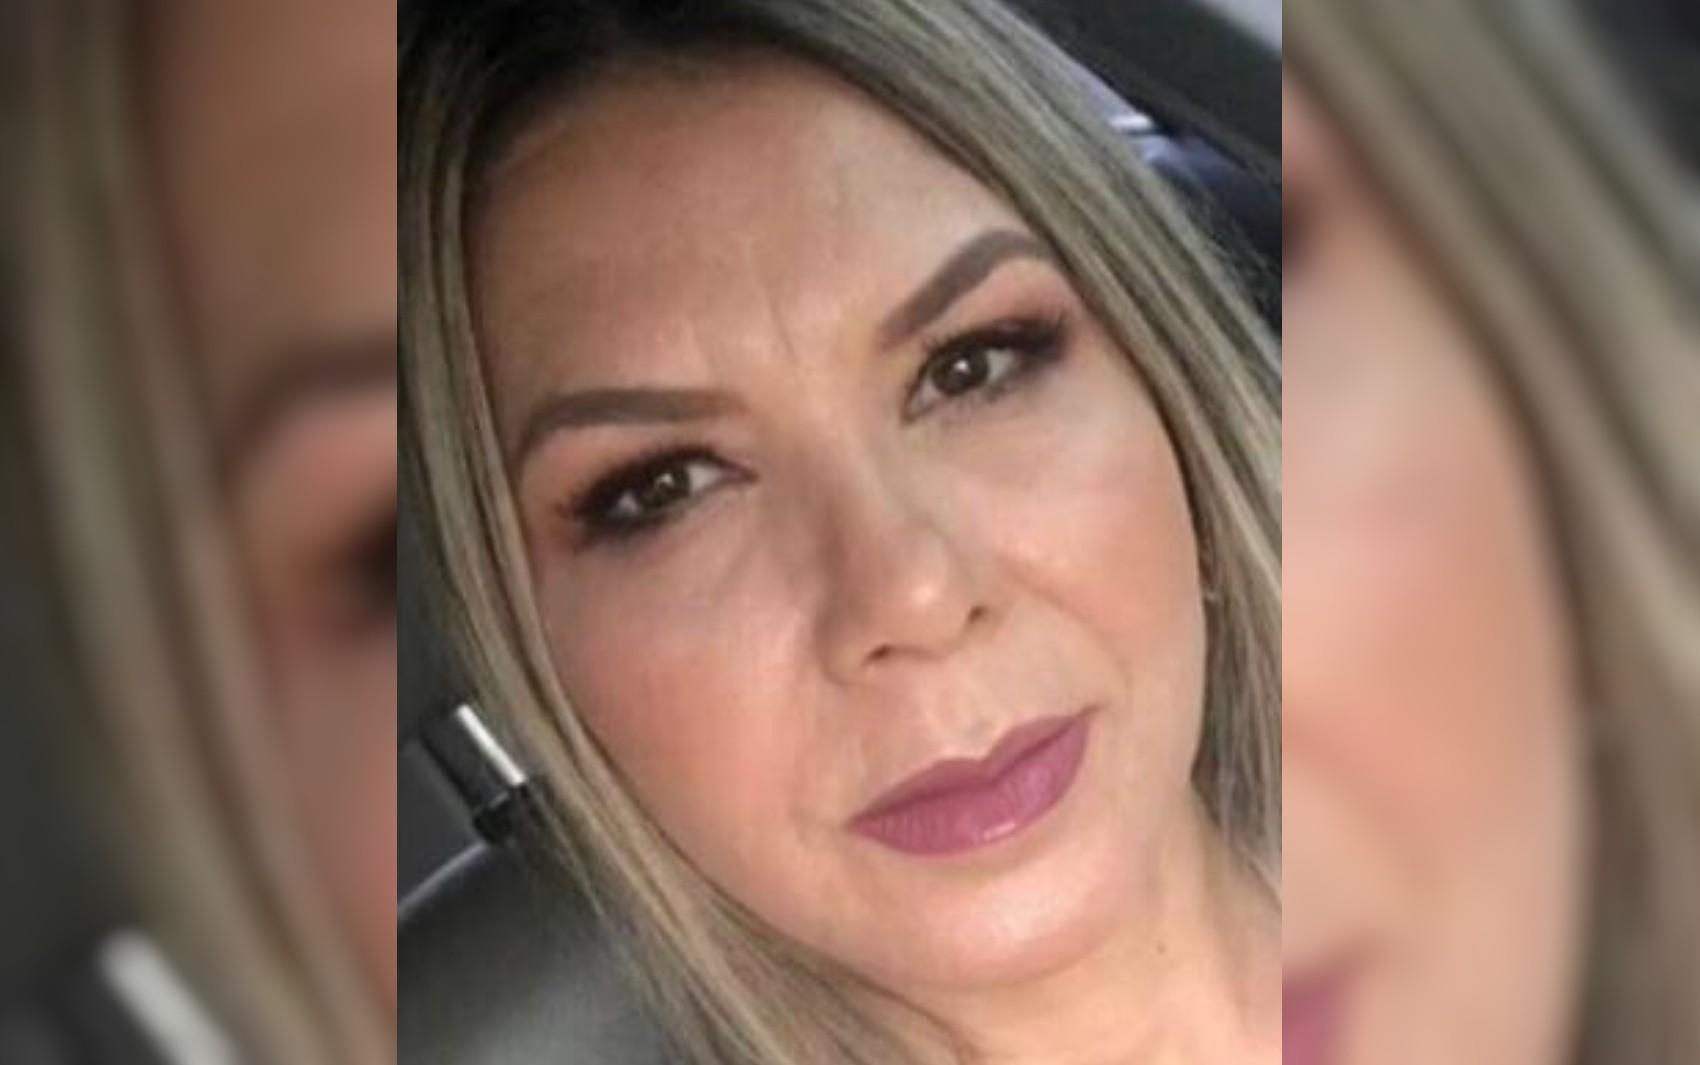 Paciente denuncia que suspeita de se passar por psicóloga compartilhava confissões durante sessões de terapia: 'Contava tudo'